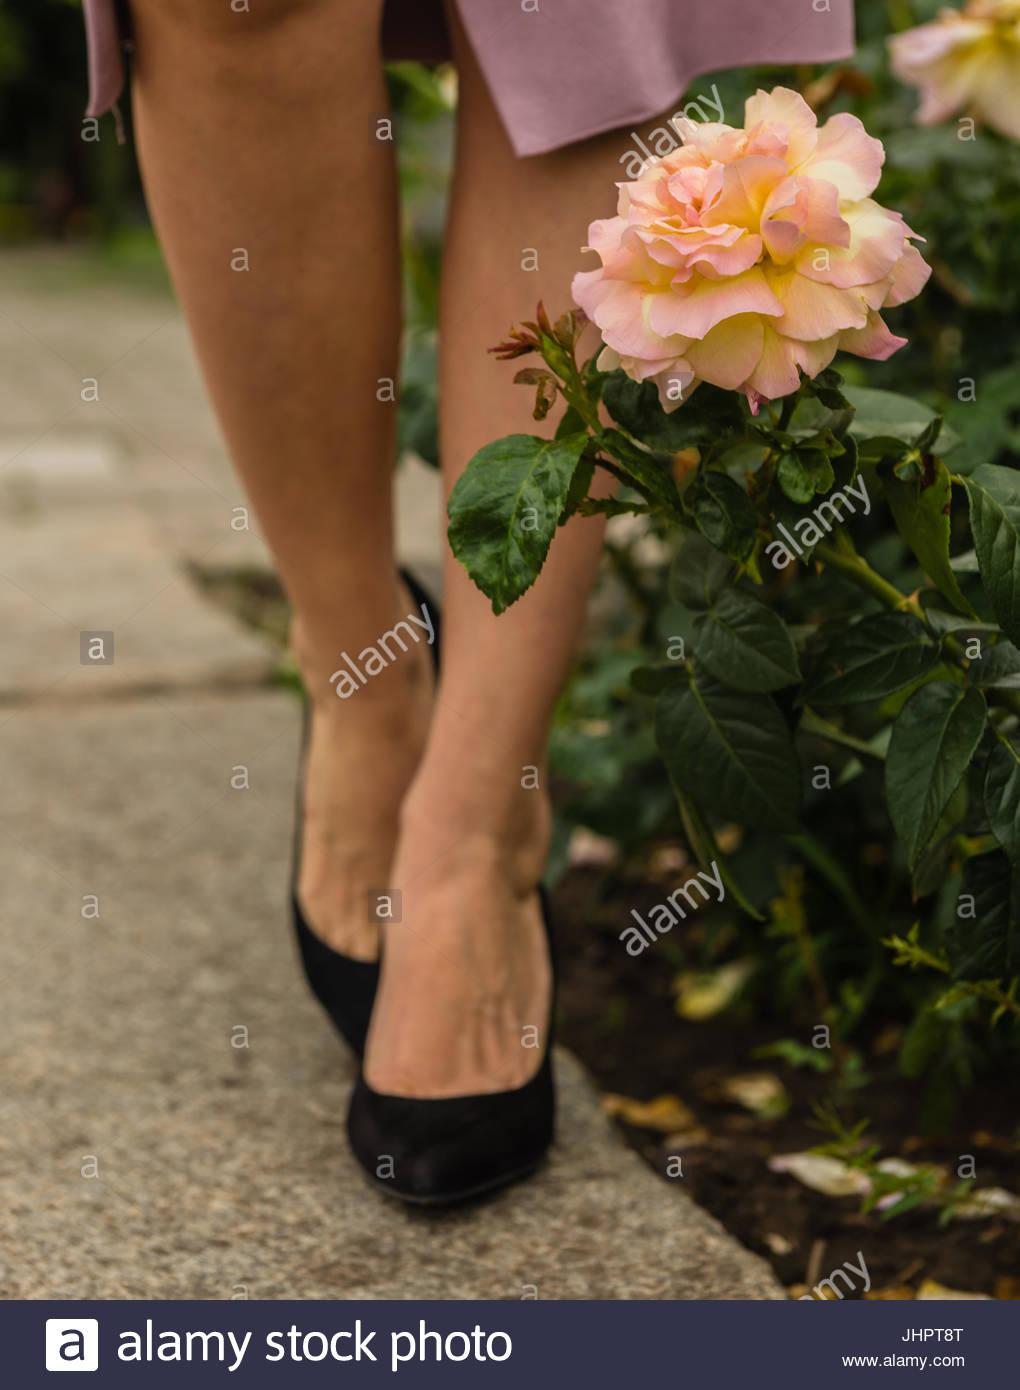 Rose mit rosa Blütenblätter mit eine gelbe Färbung und eine zu Fuß ...